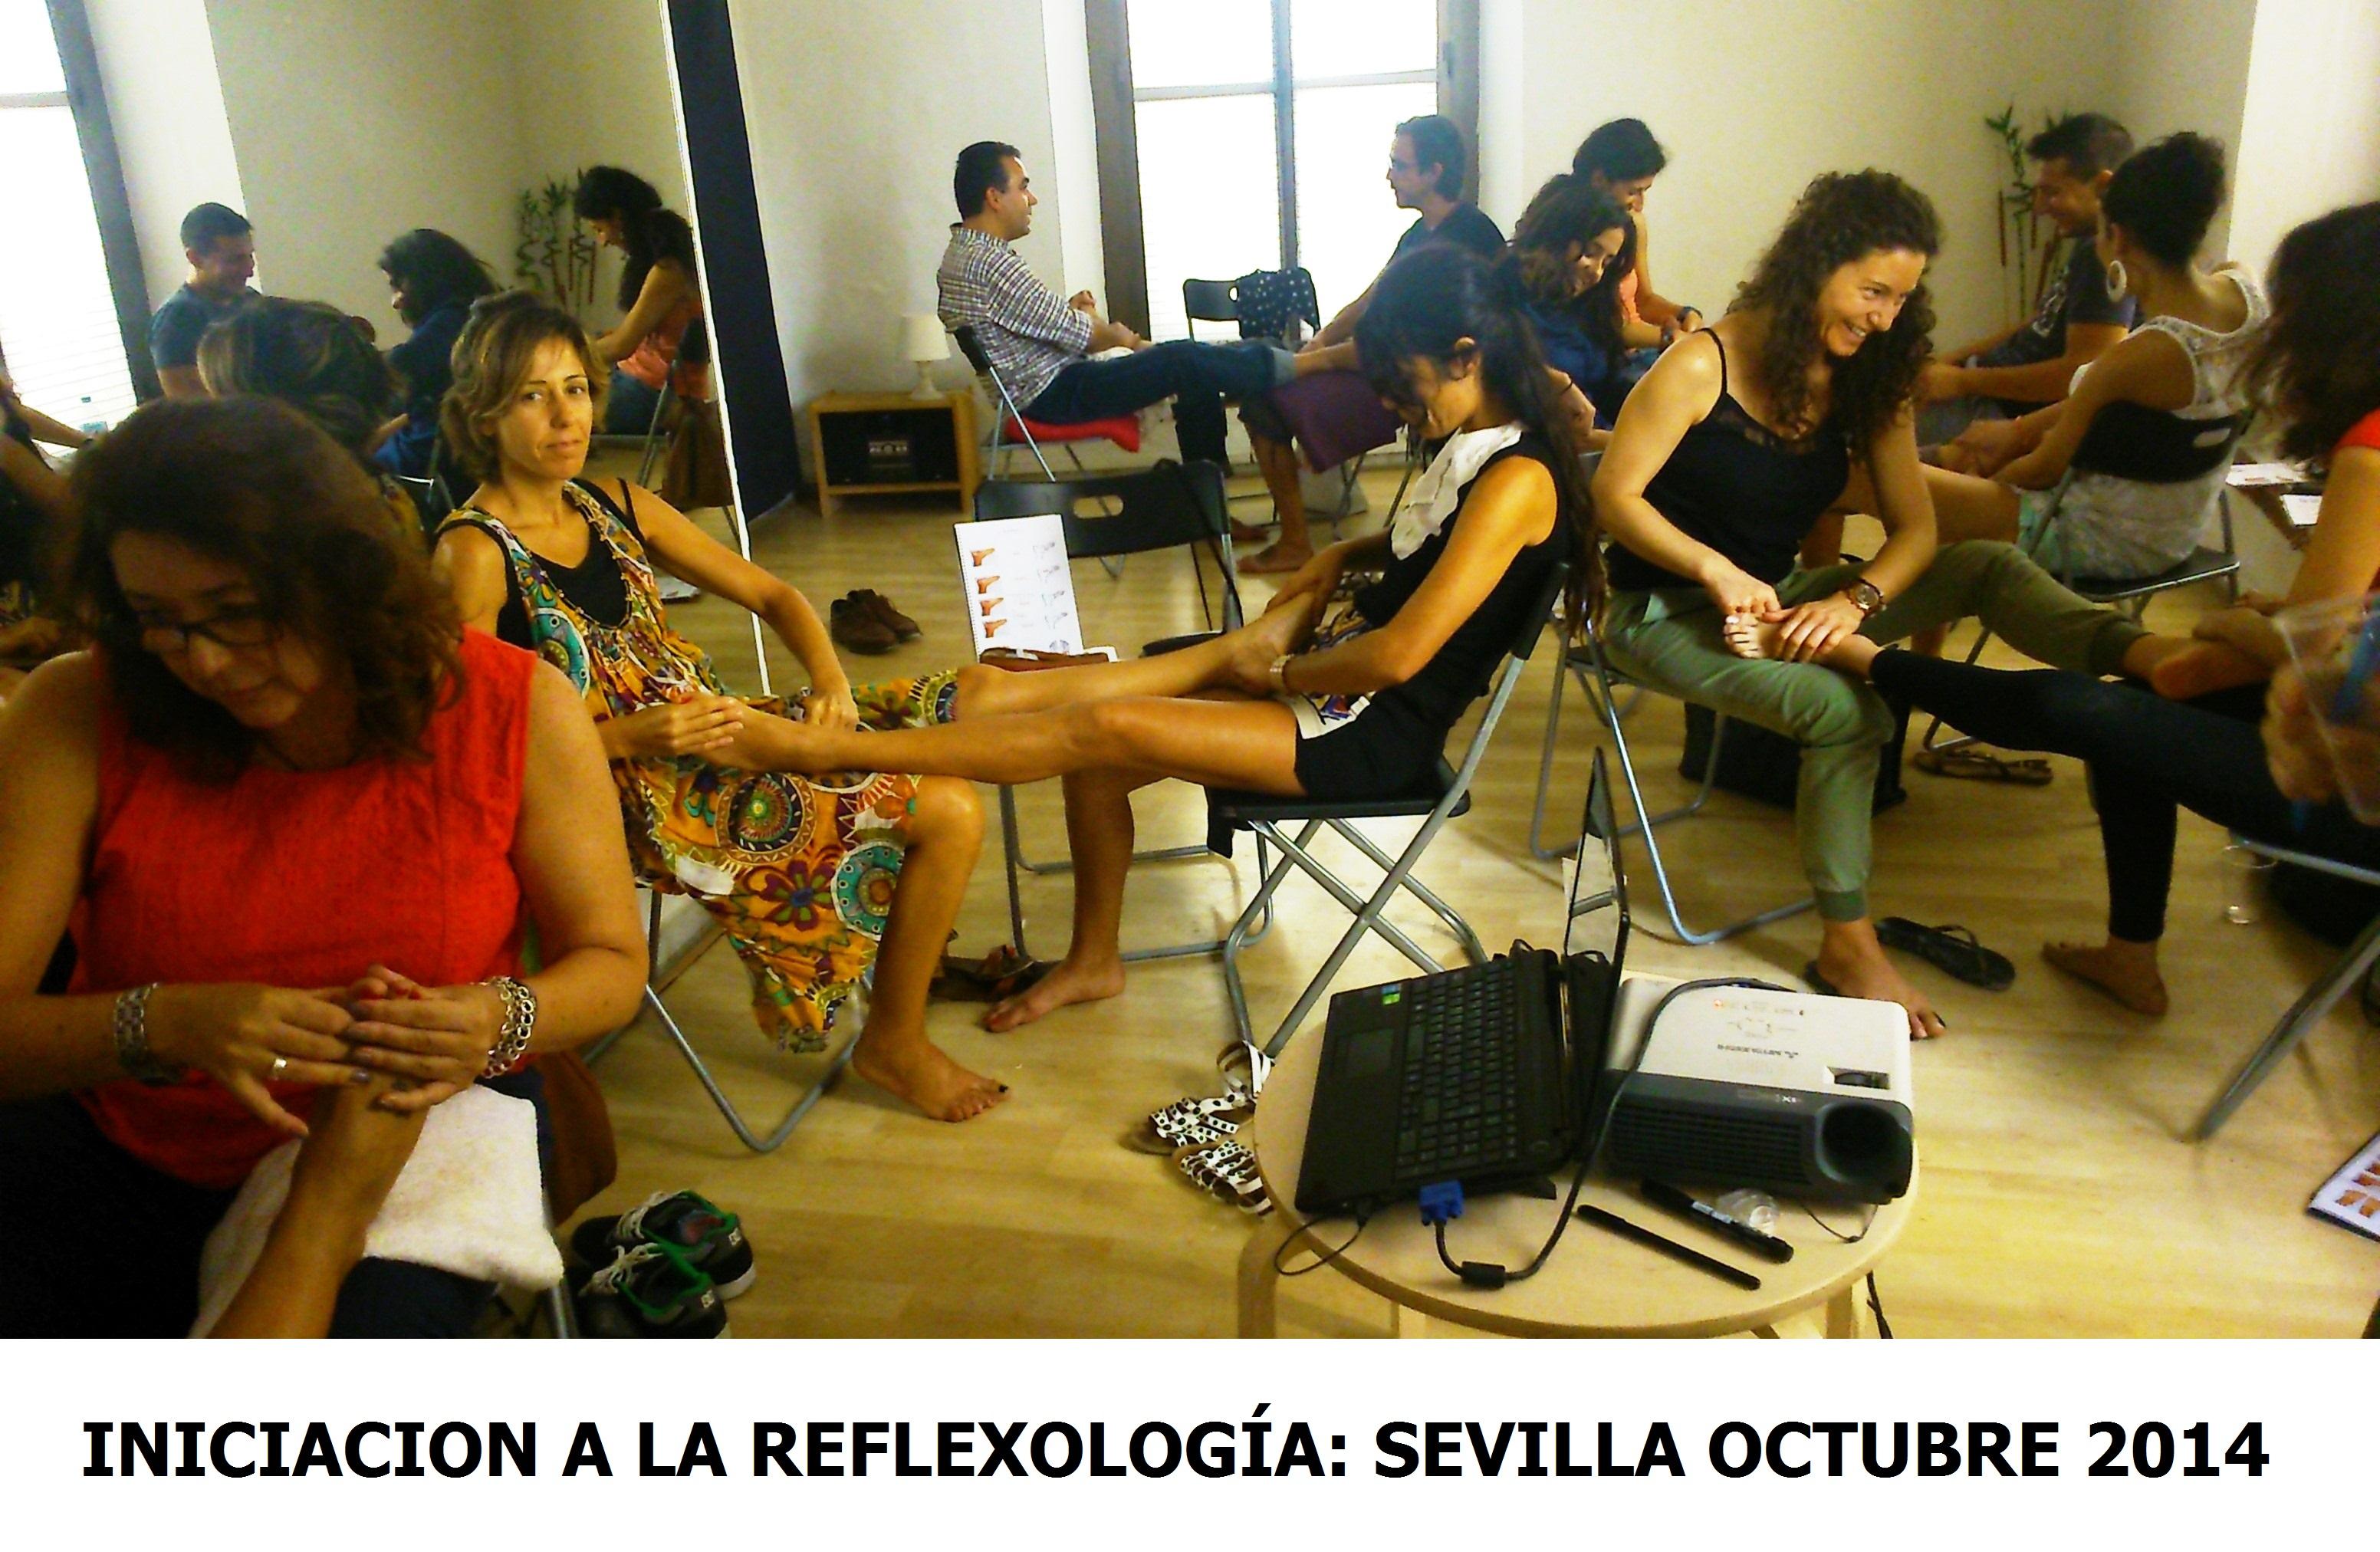 REFLEXOLOGÍA EN SEVILLA: Finalizamos el ciclo formativo Iniciación a la Reflexología